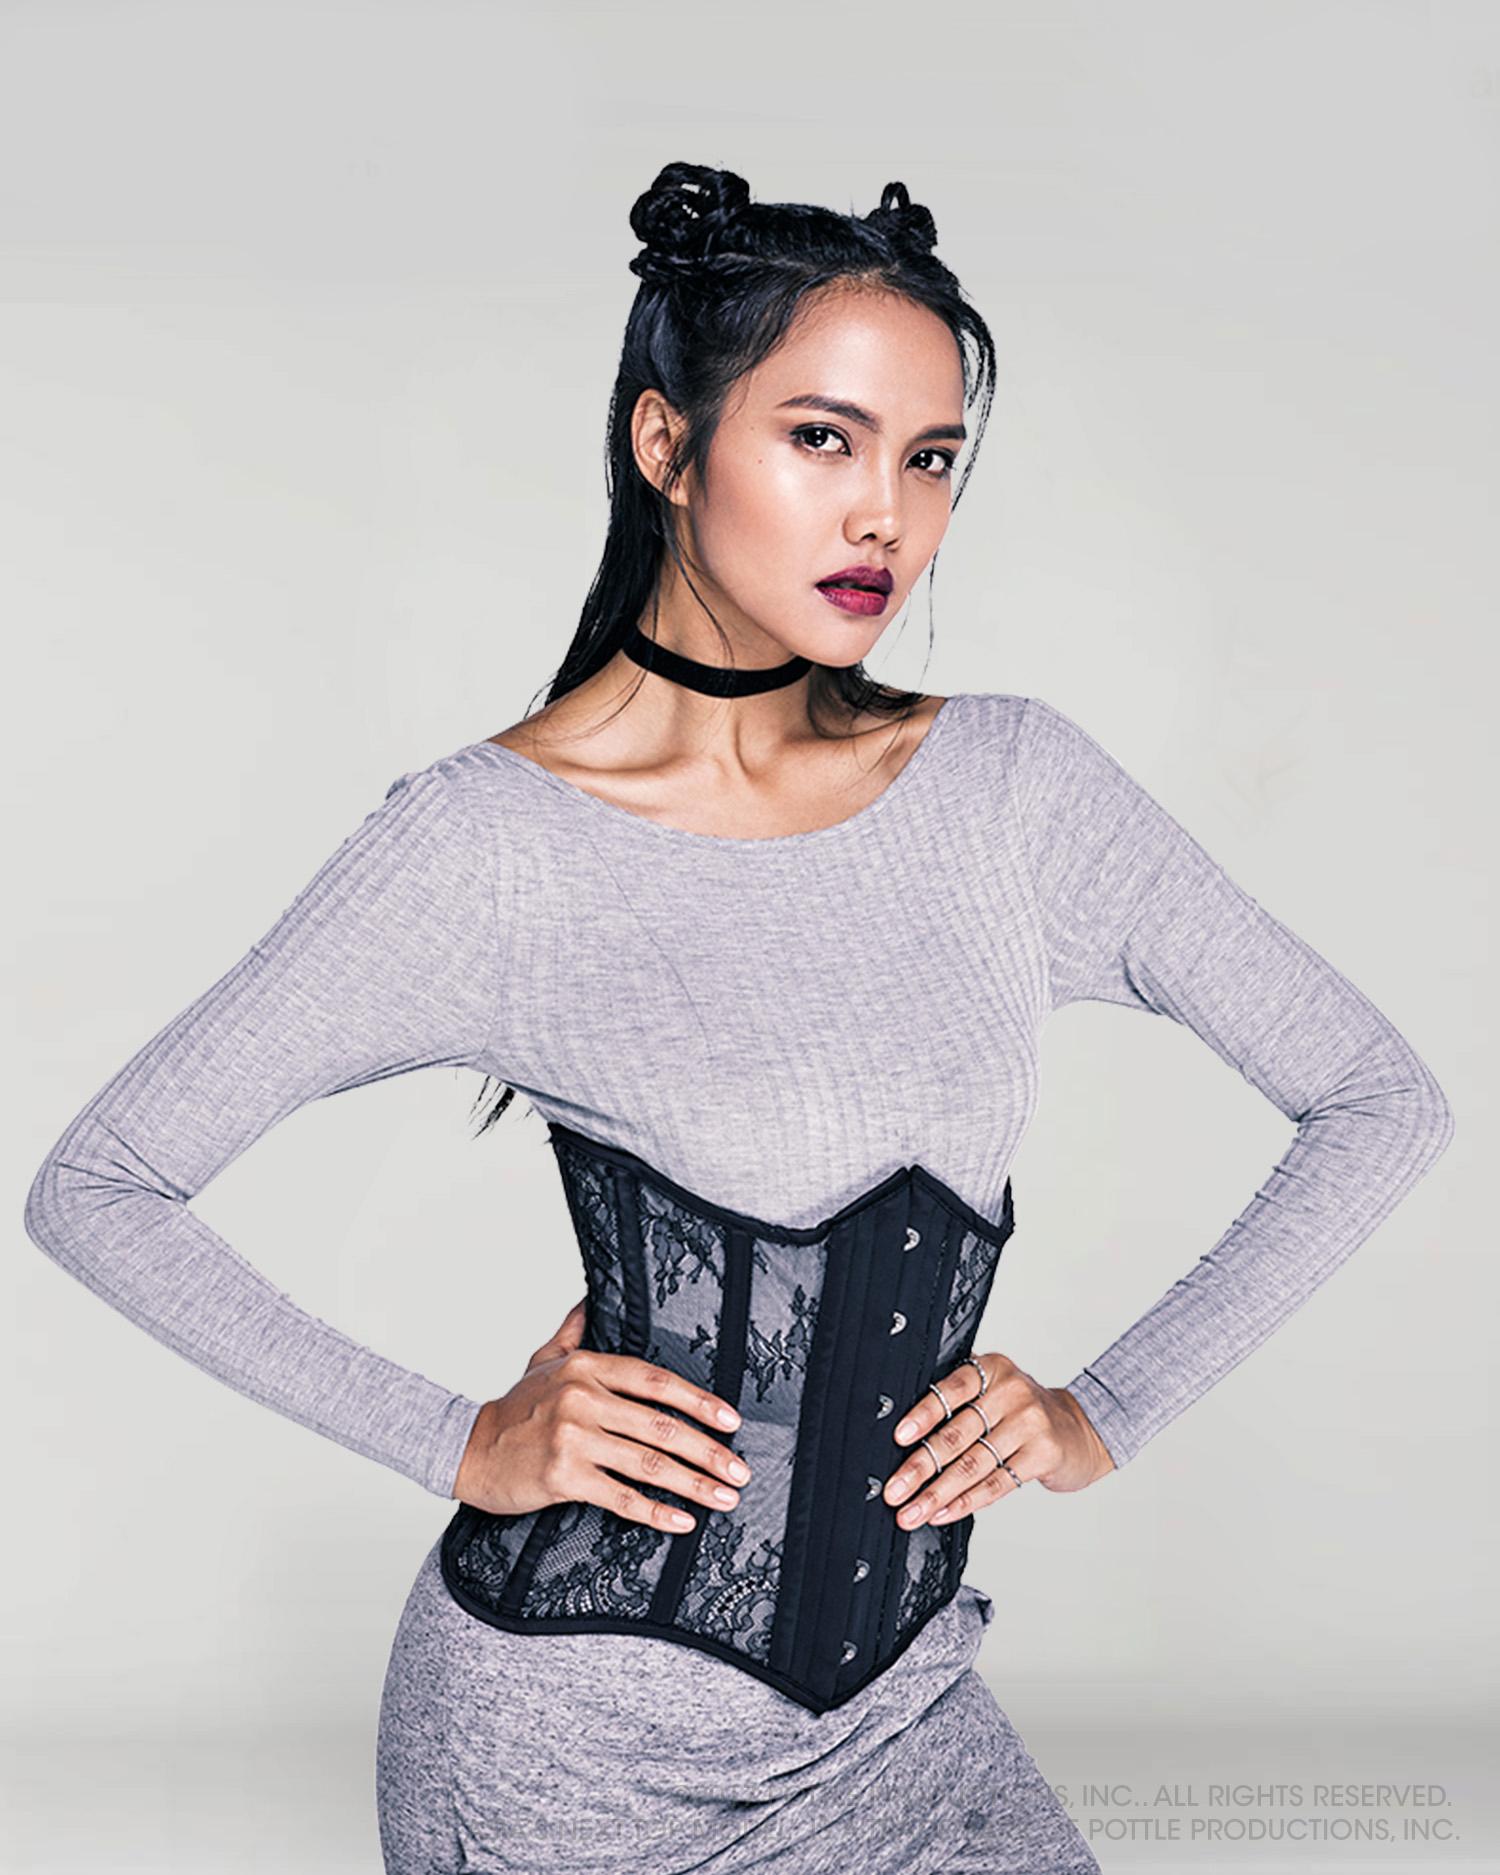 Chính thức: Minh Tú là đại diện Việt Nam tại Asias Next Top Model! - Ảnh 19.